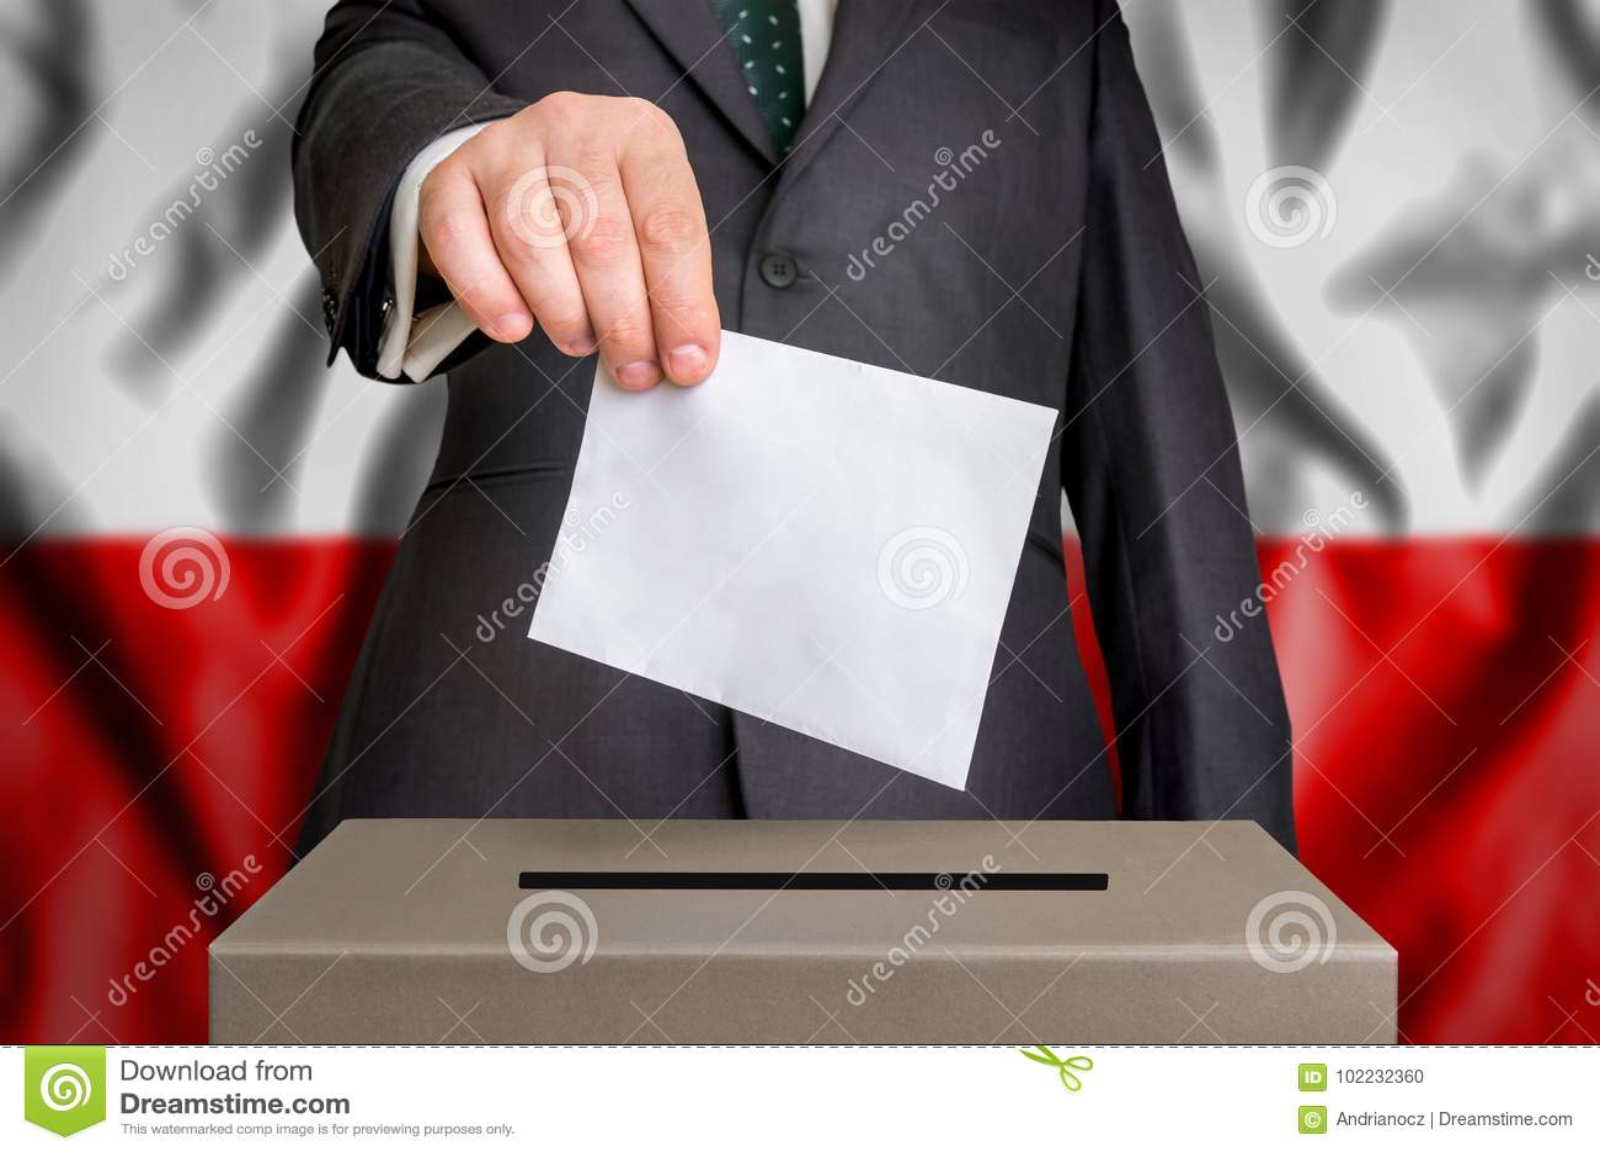 Εκλογή στην Πολωνία - που ψηφίζει στο κάλπη